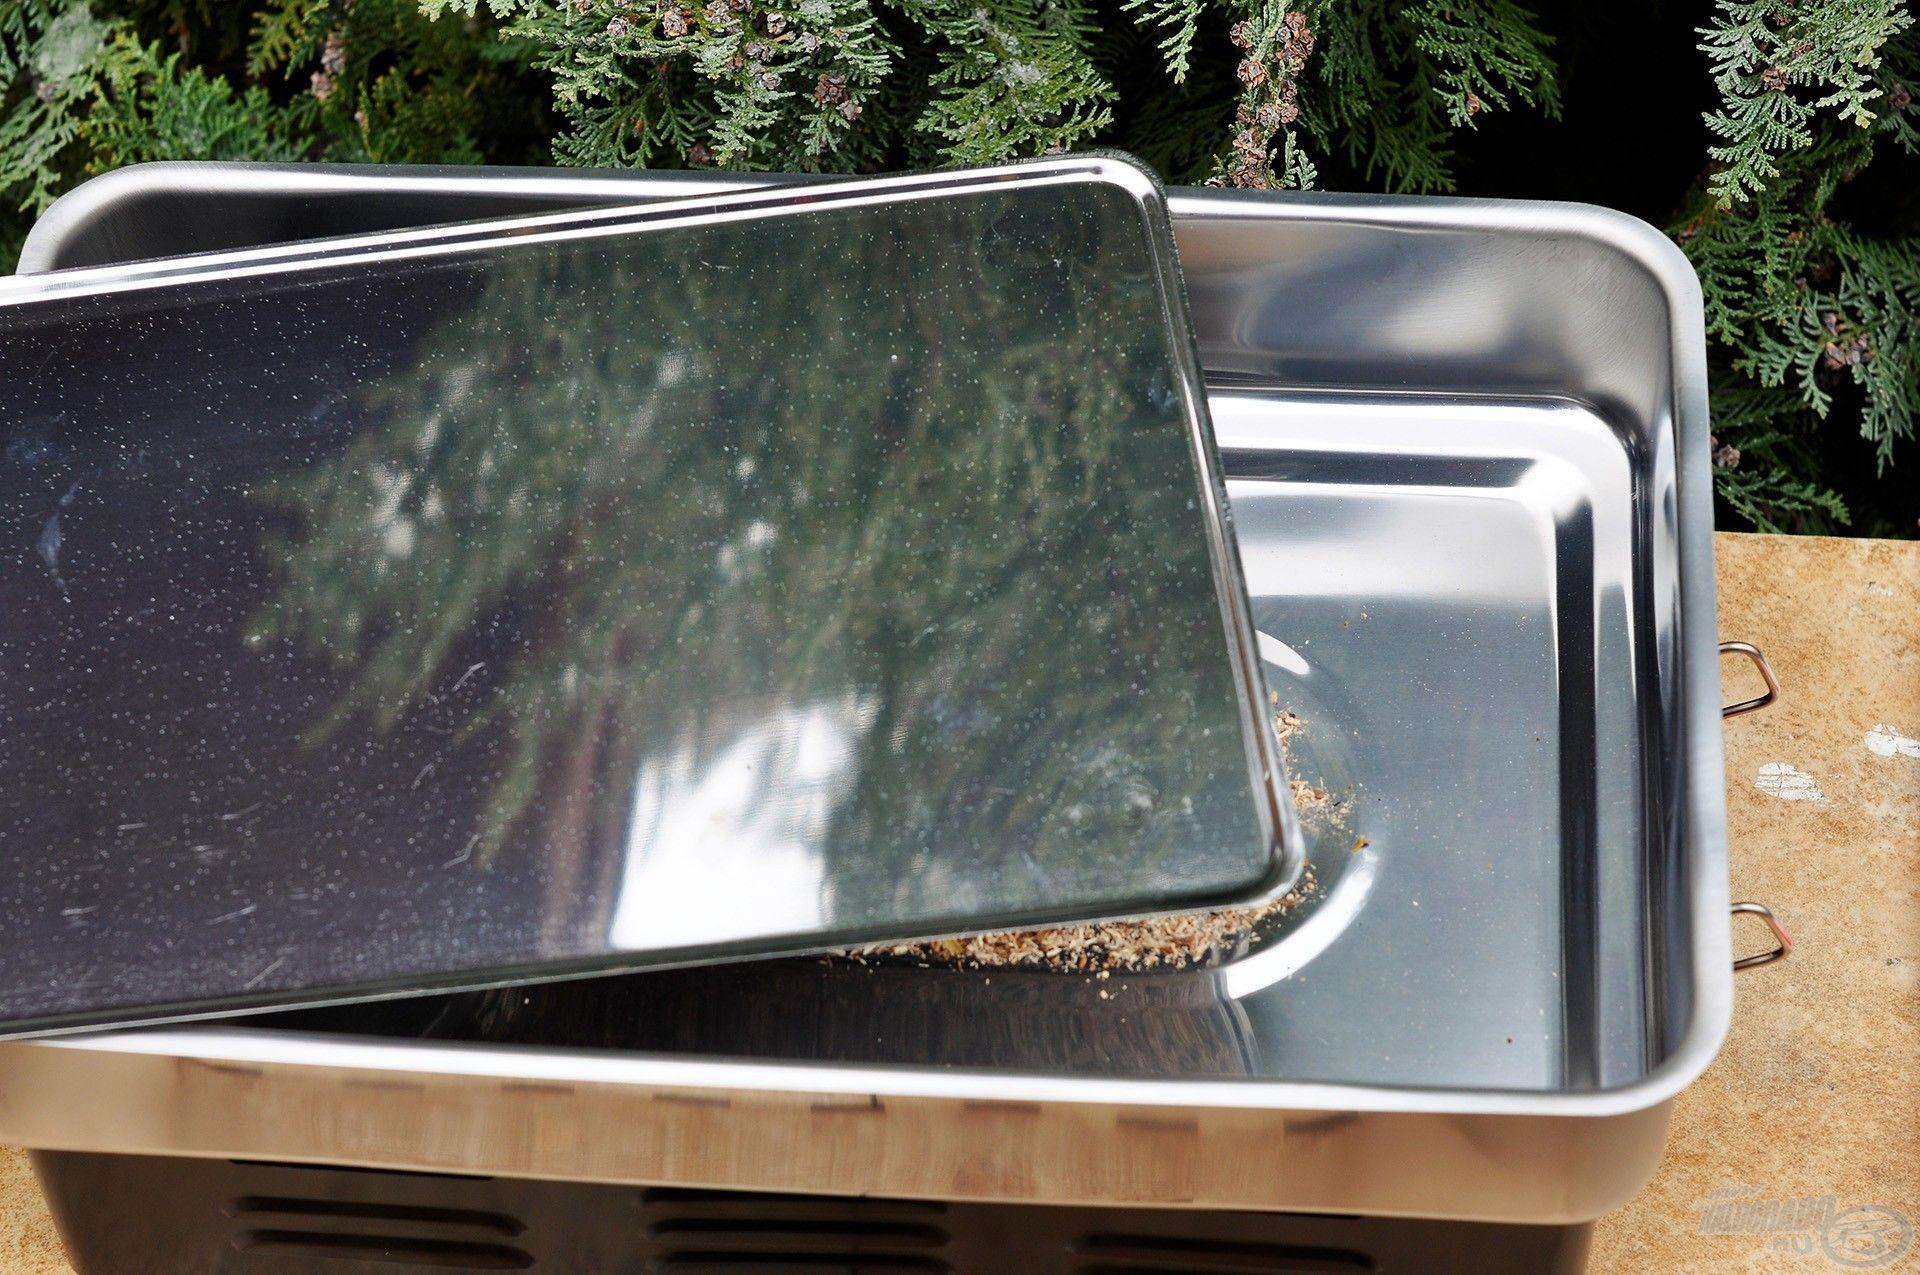 A fűrészpor egyenletes elterítése után helyezzük az edény aljára a zsírfogó lapot. Ennek hiányában a halból hő hatására kicsepegő zsiradék ráfolyna a füstképződésért felelős fűrészporra